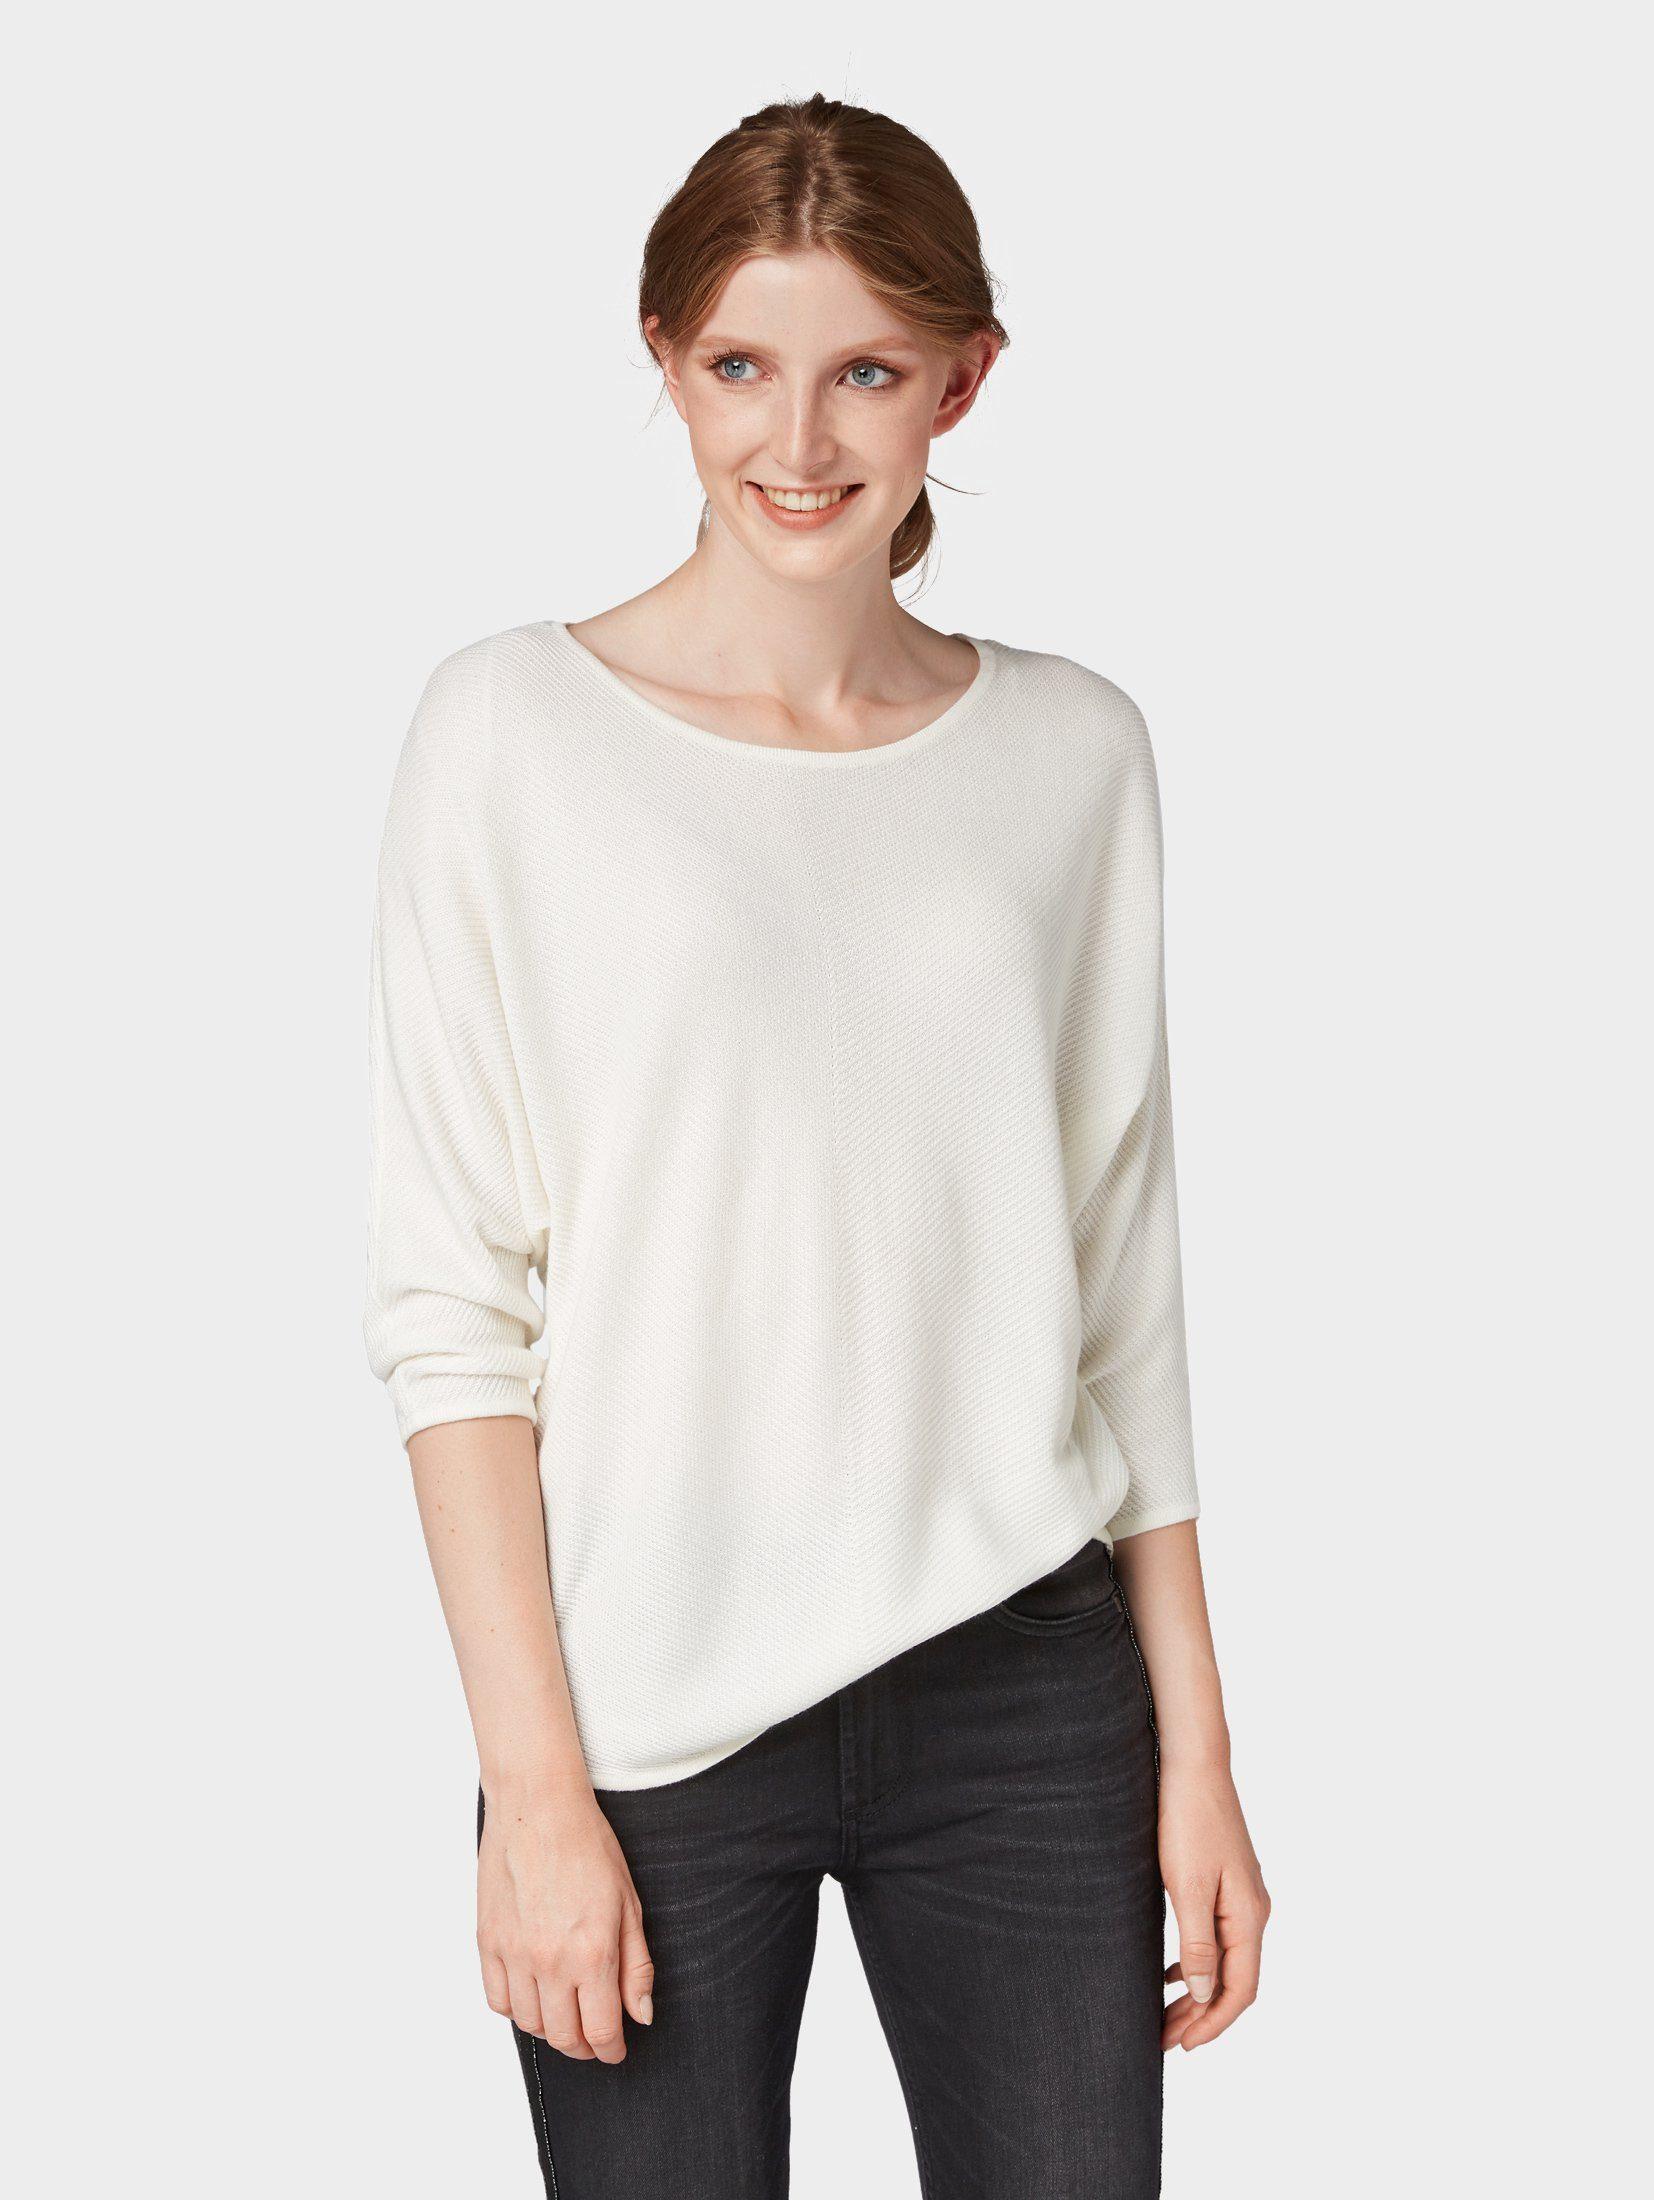 Tom Tailor Rundhalspullover »Schlichter Pullover«, Easy chevron sweater online kaufen | OTTO